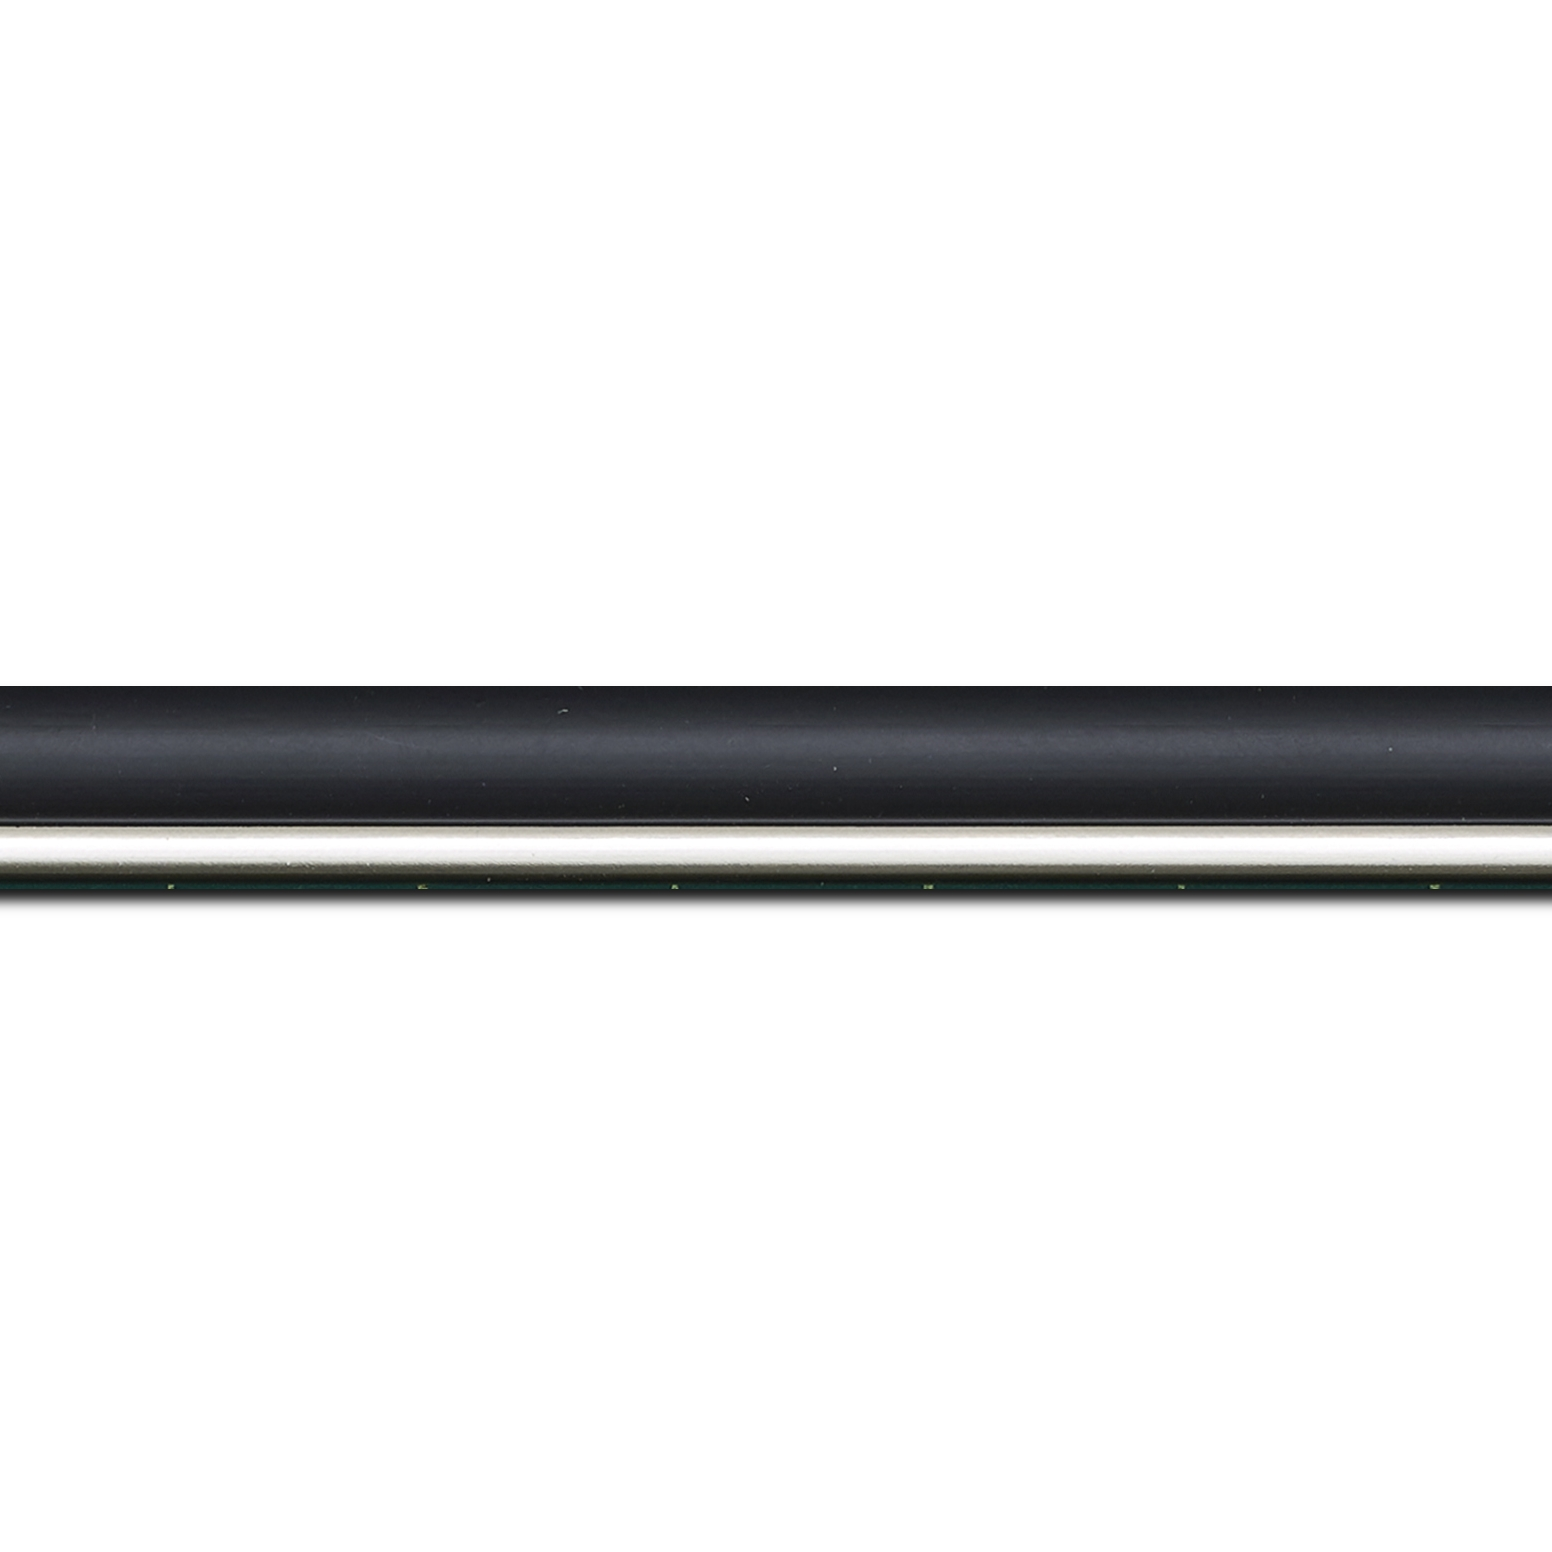 Pack par 12m, bois profil arrondi largeur 2.1cm couleur noir mat filet argent(longueur baguette pouvant varier entre 2.40m et 3m selon arrivage des bois)